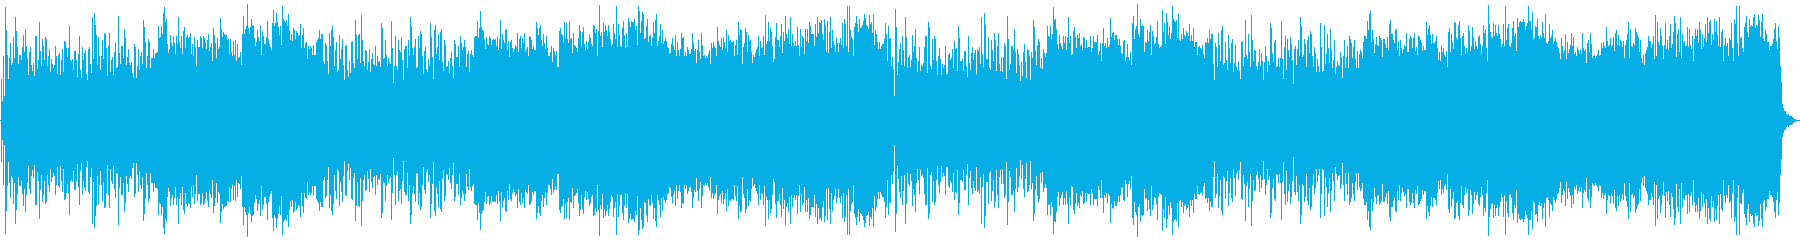 スピード感のあるサイバー戦闘曲の再生済みの波形